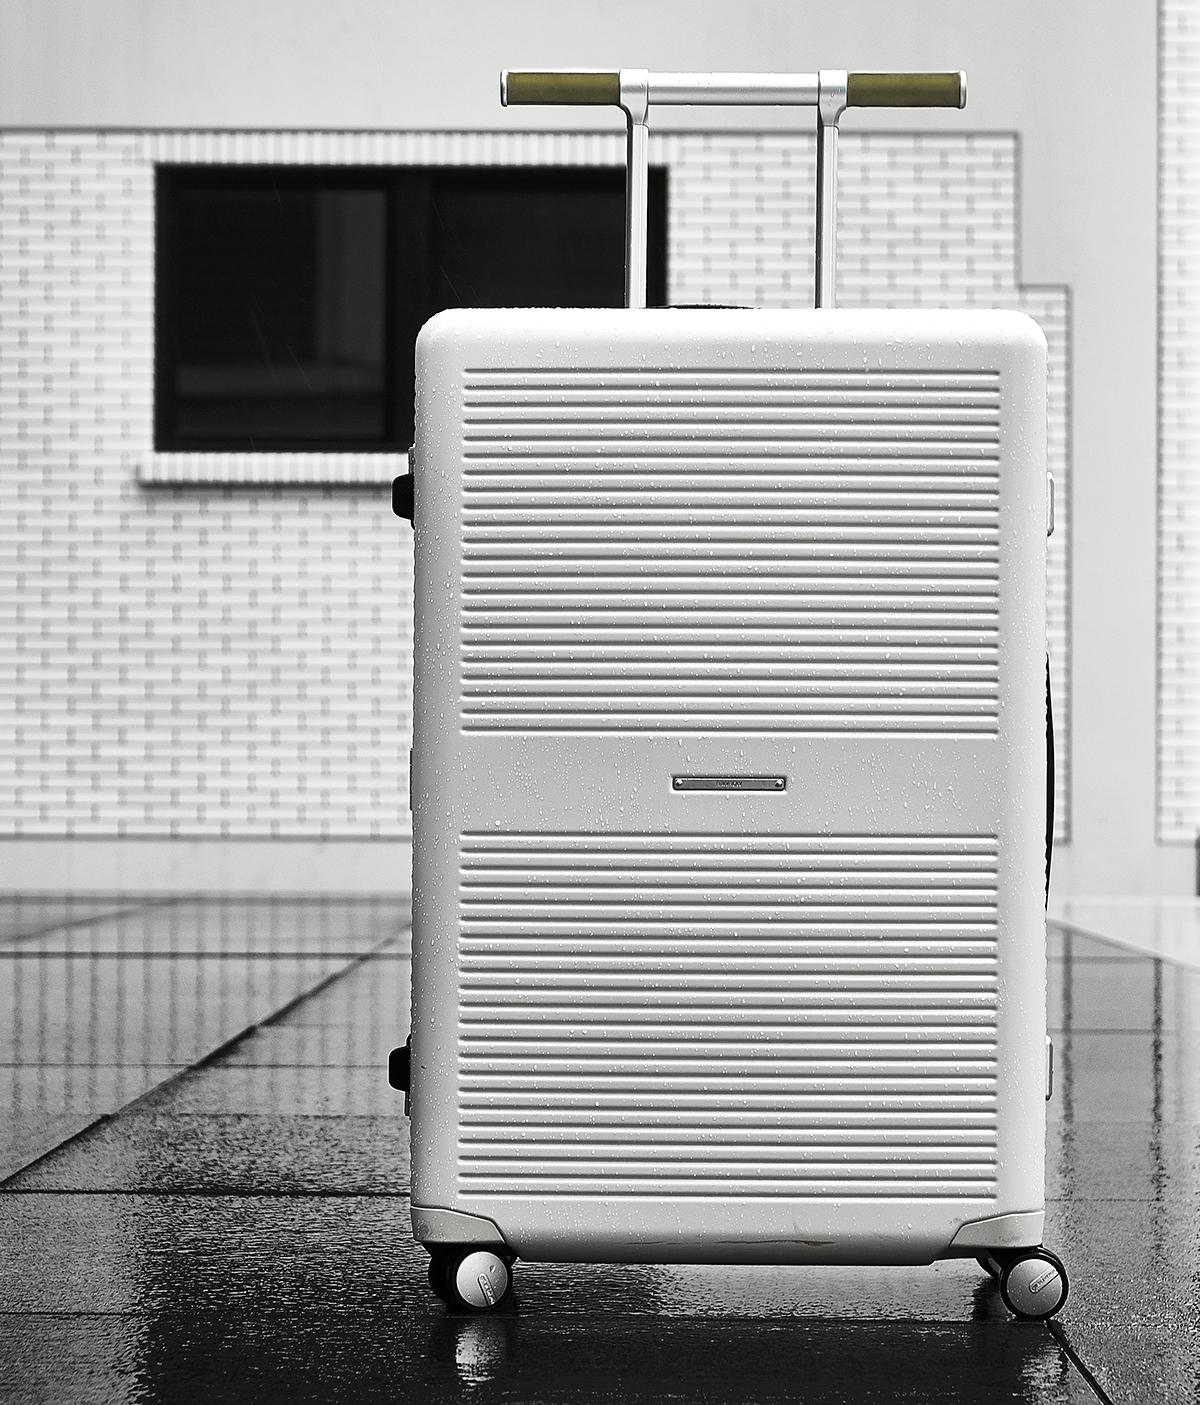 「荷物を守り、快適に運ぶ」の本質を追求し、さまざまなテストを重ねた上で商品化した耐久性や耐衝撃性のあるスーツケース(88L・7泊〜)|RAWROW